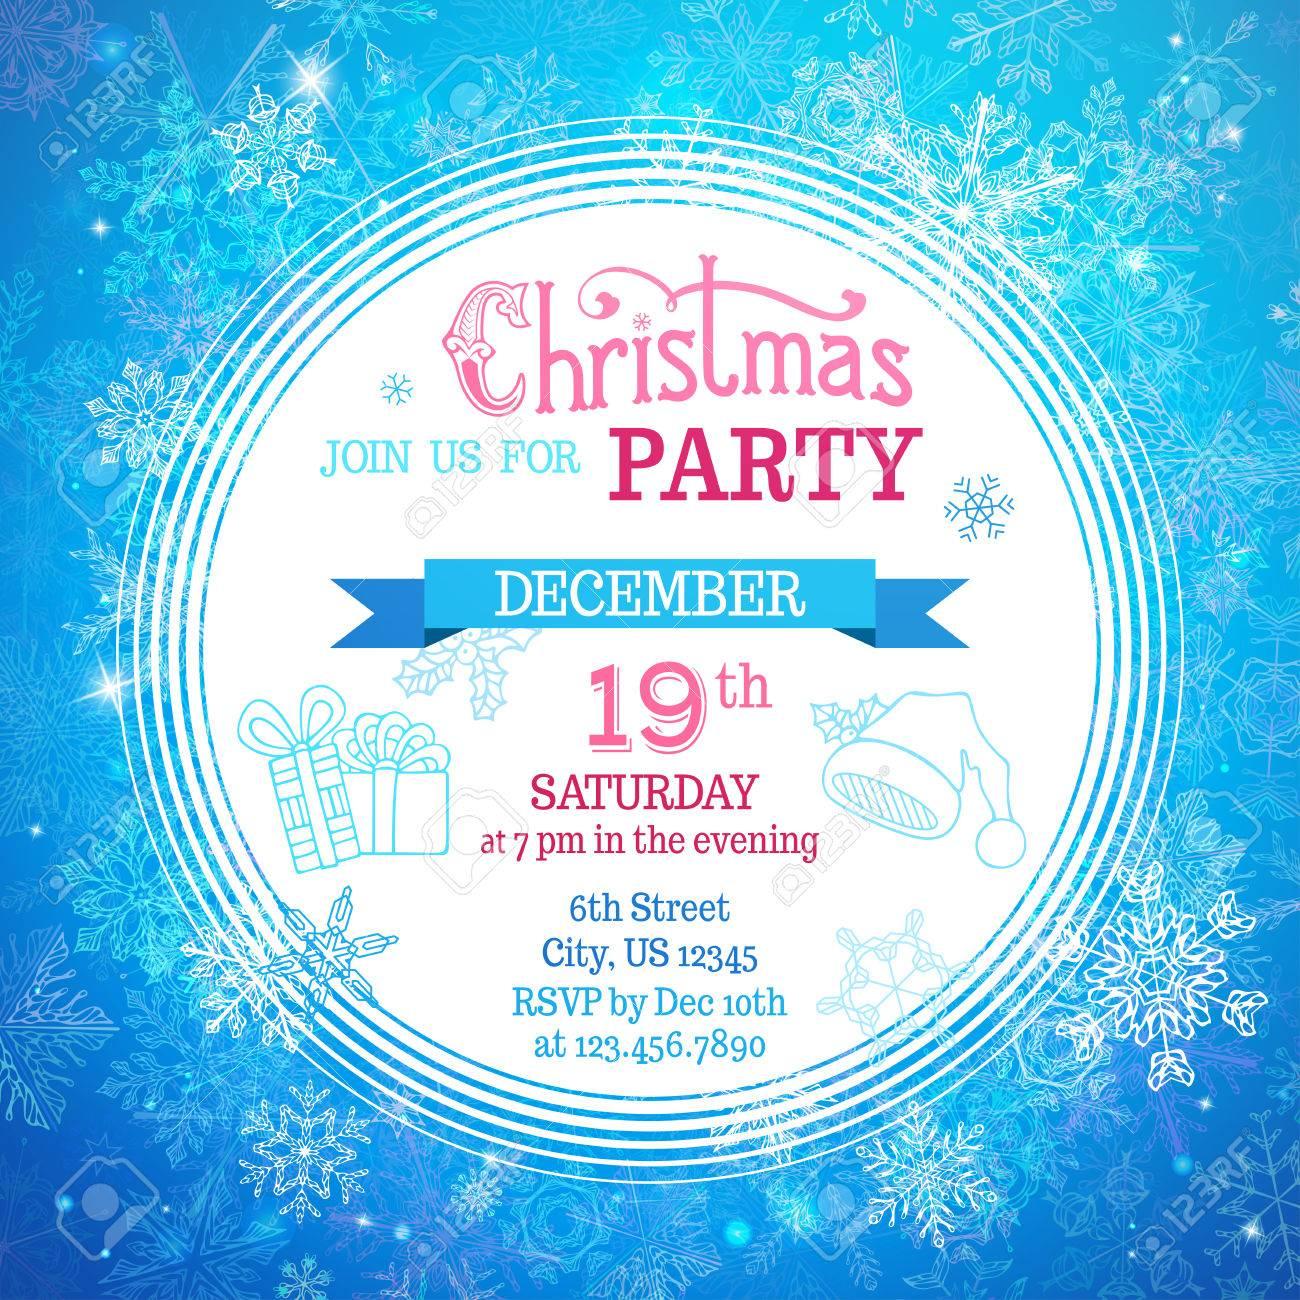 Buon Natale Del C Testo.Vettoriale Modello Del Partito Di Buon Natale Sfondo Blu Inverno